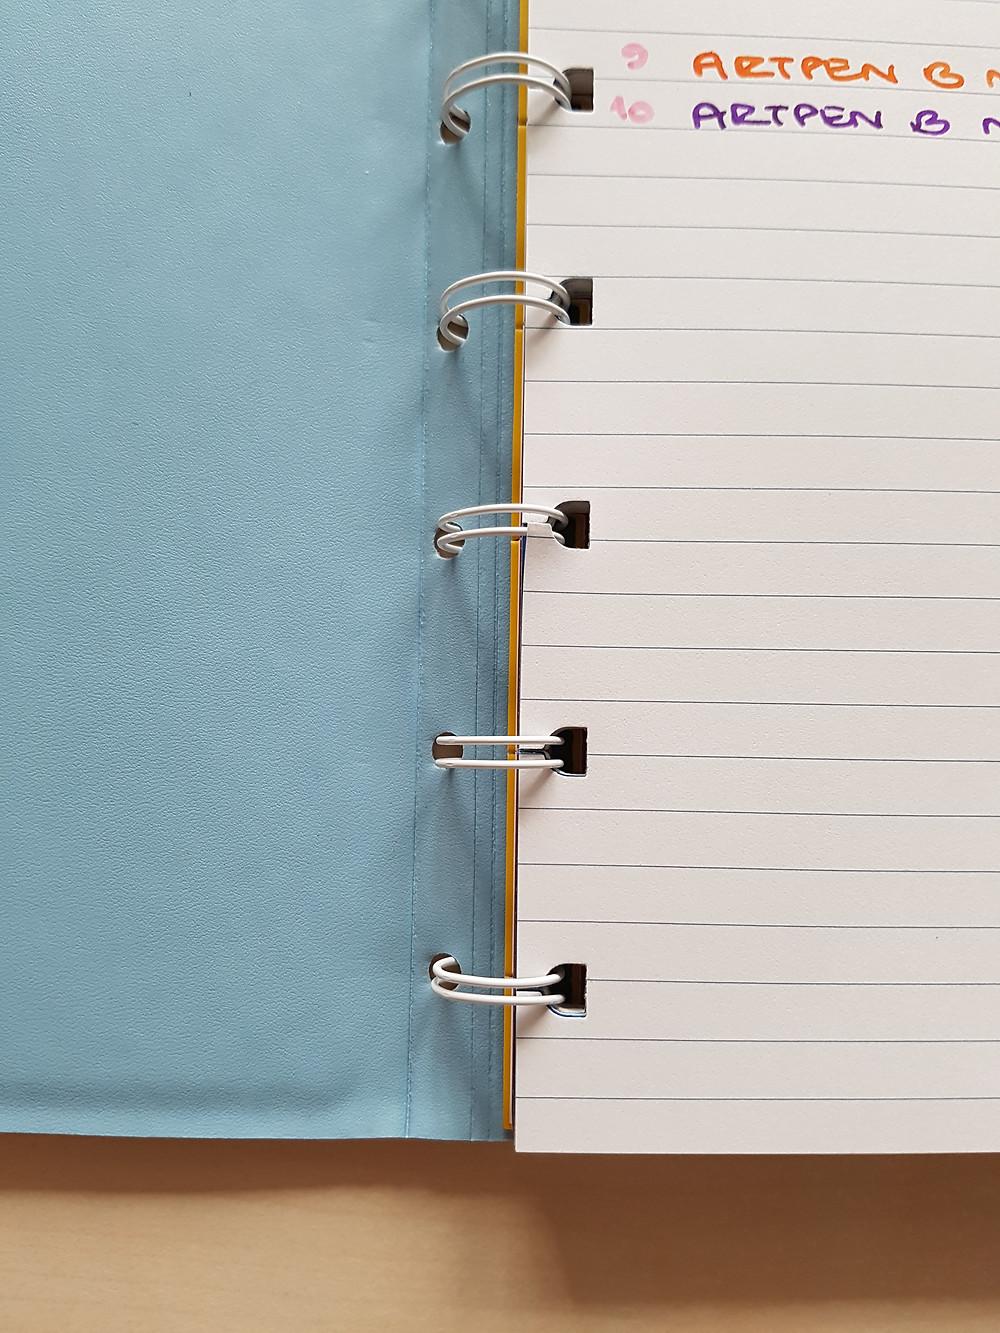 StickersSwissMade - blogpost - paper and pen test nbr 3 - filofax notebooks_3